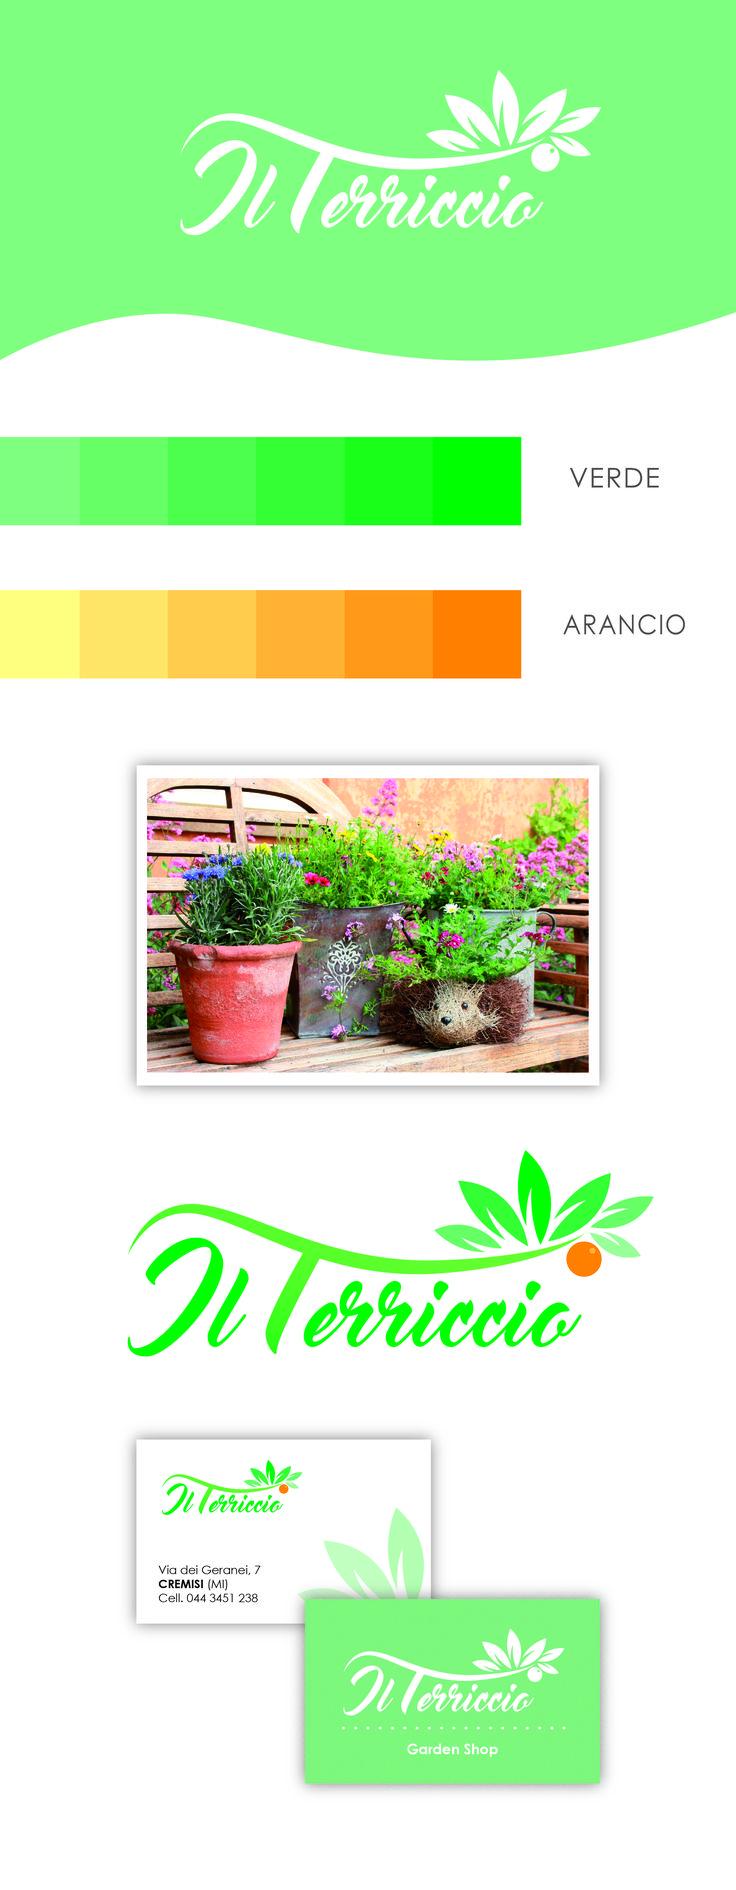 #grafichenuovatipografia #grafiche #nuova #tipografia #logo #coordinamento ##loghi #presentazione #gardenshop #garden #shop #terriccio #verde #elaborazione #business #card #bigliettodavisita #bv #Concept #packaging